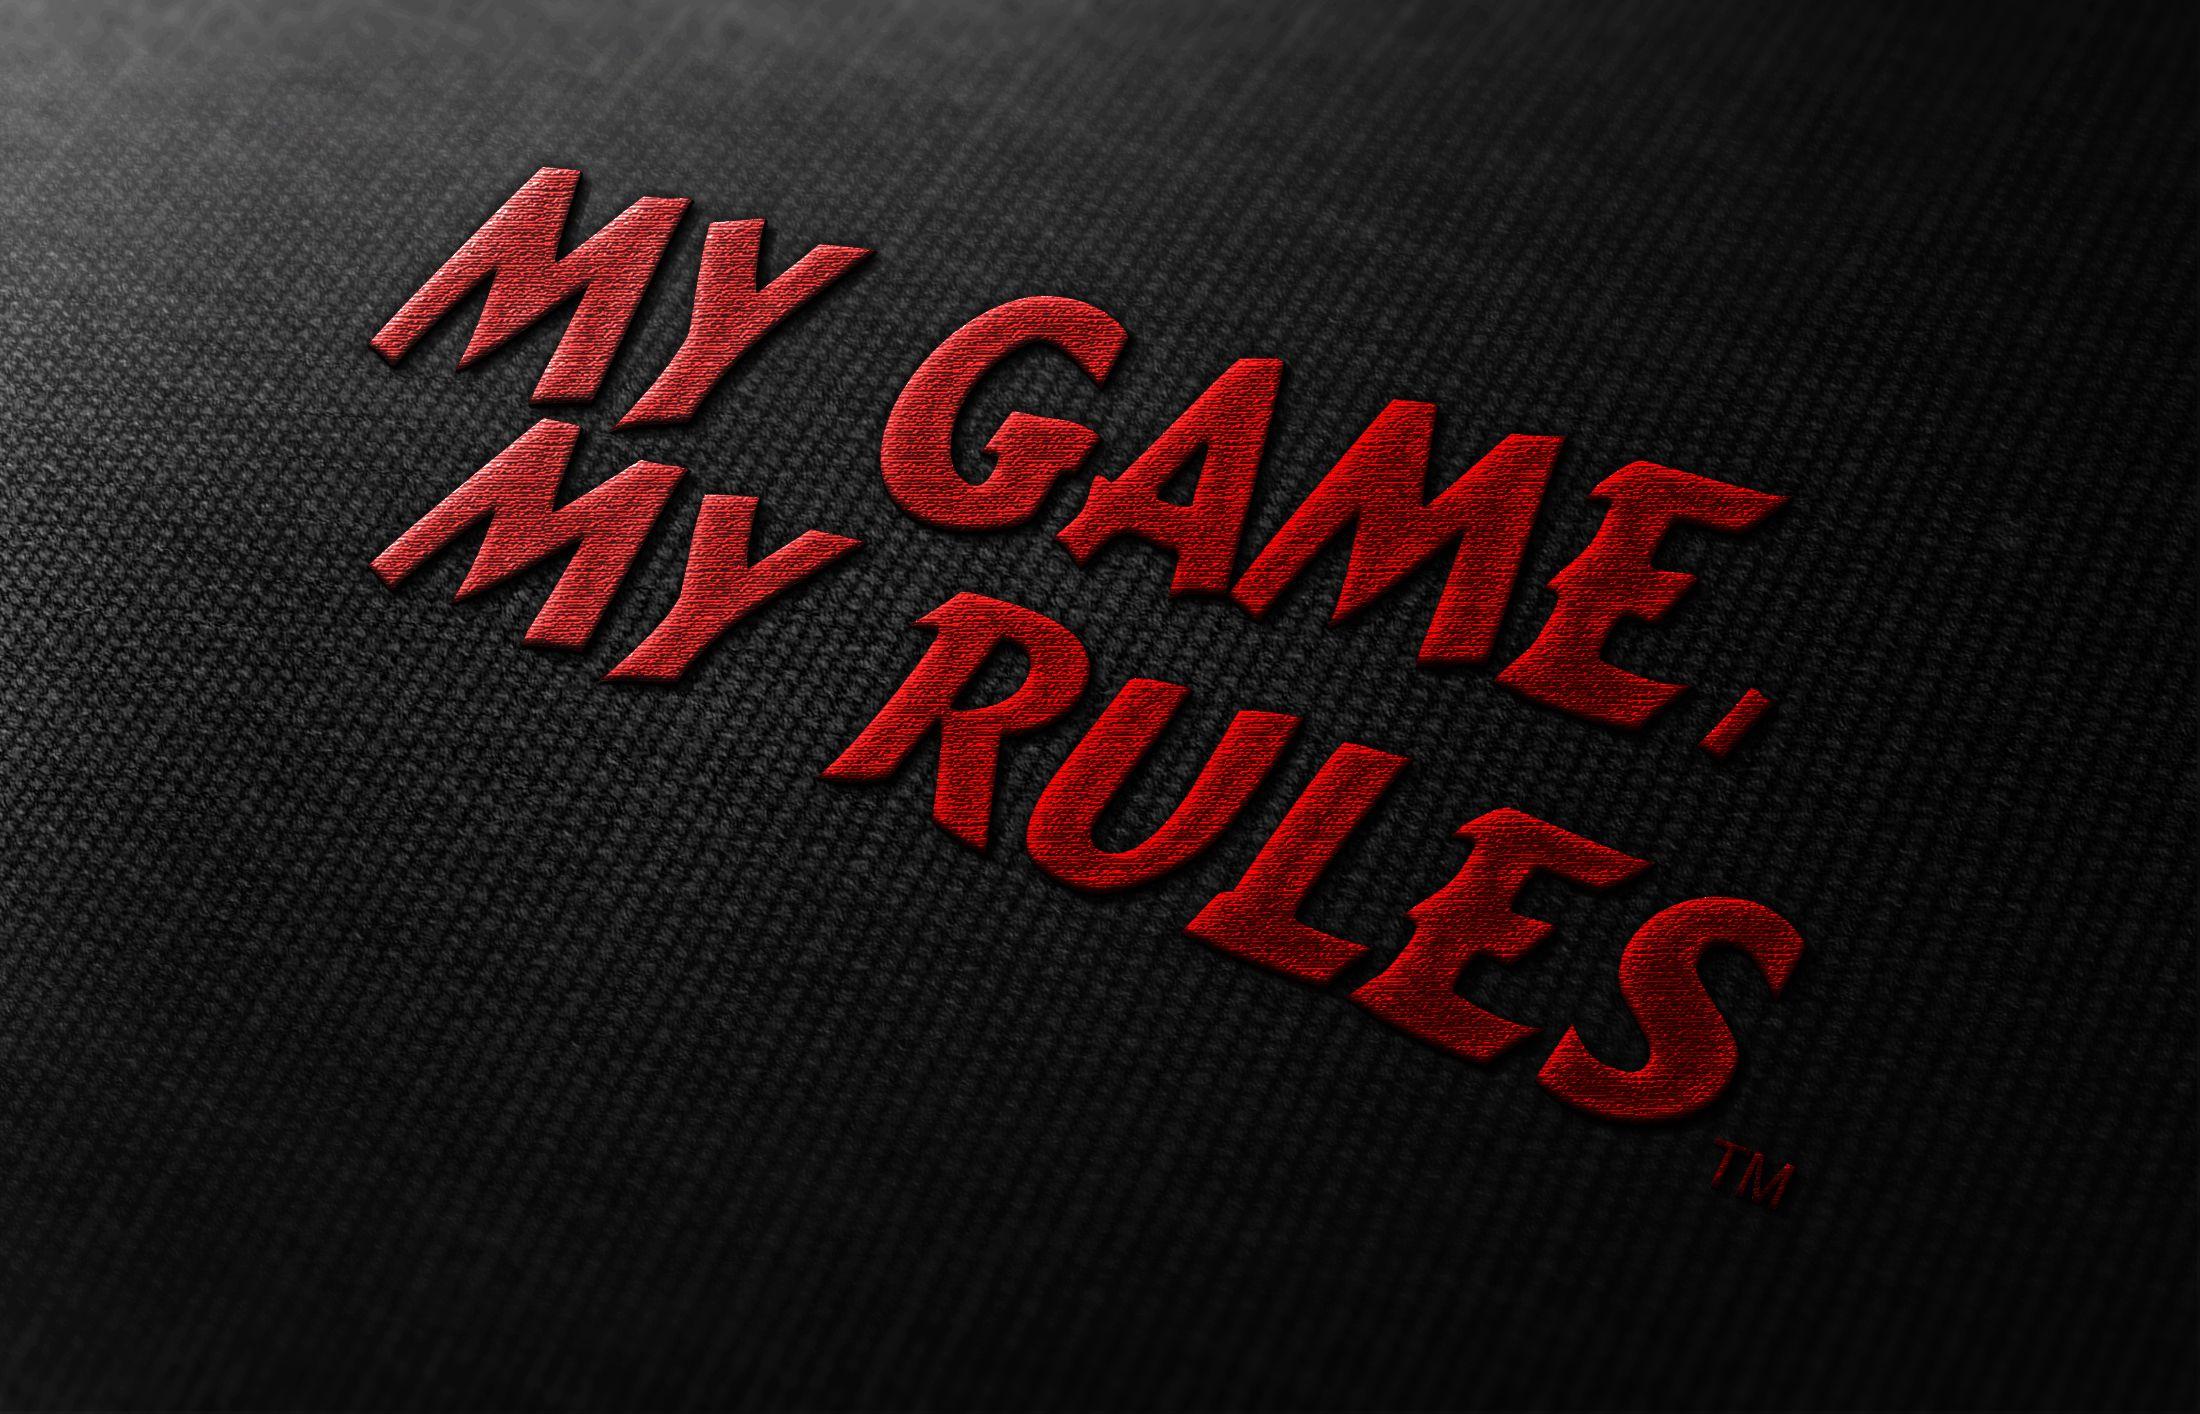 old strikethree tagline I am game, 3 logo, Logos